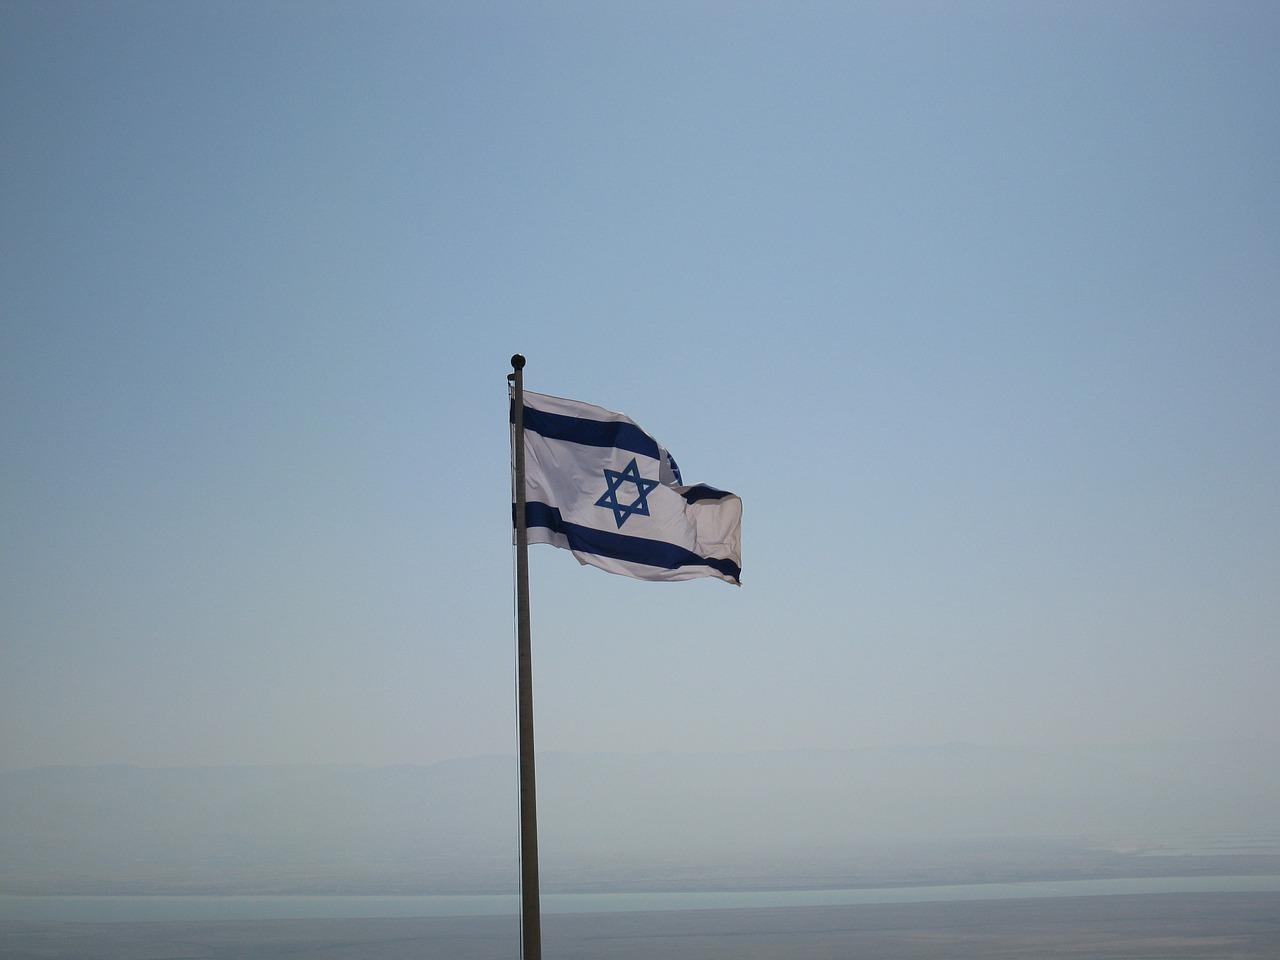 Consultări pentru modificarea legislaţiei privind combaterea coronavirusului, în Israel